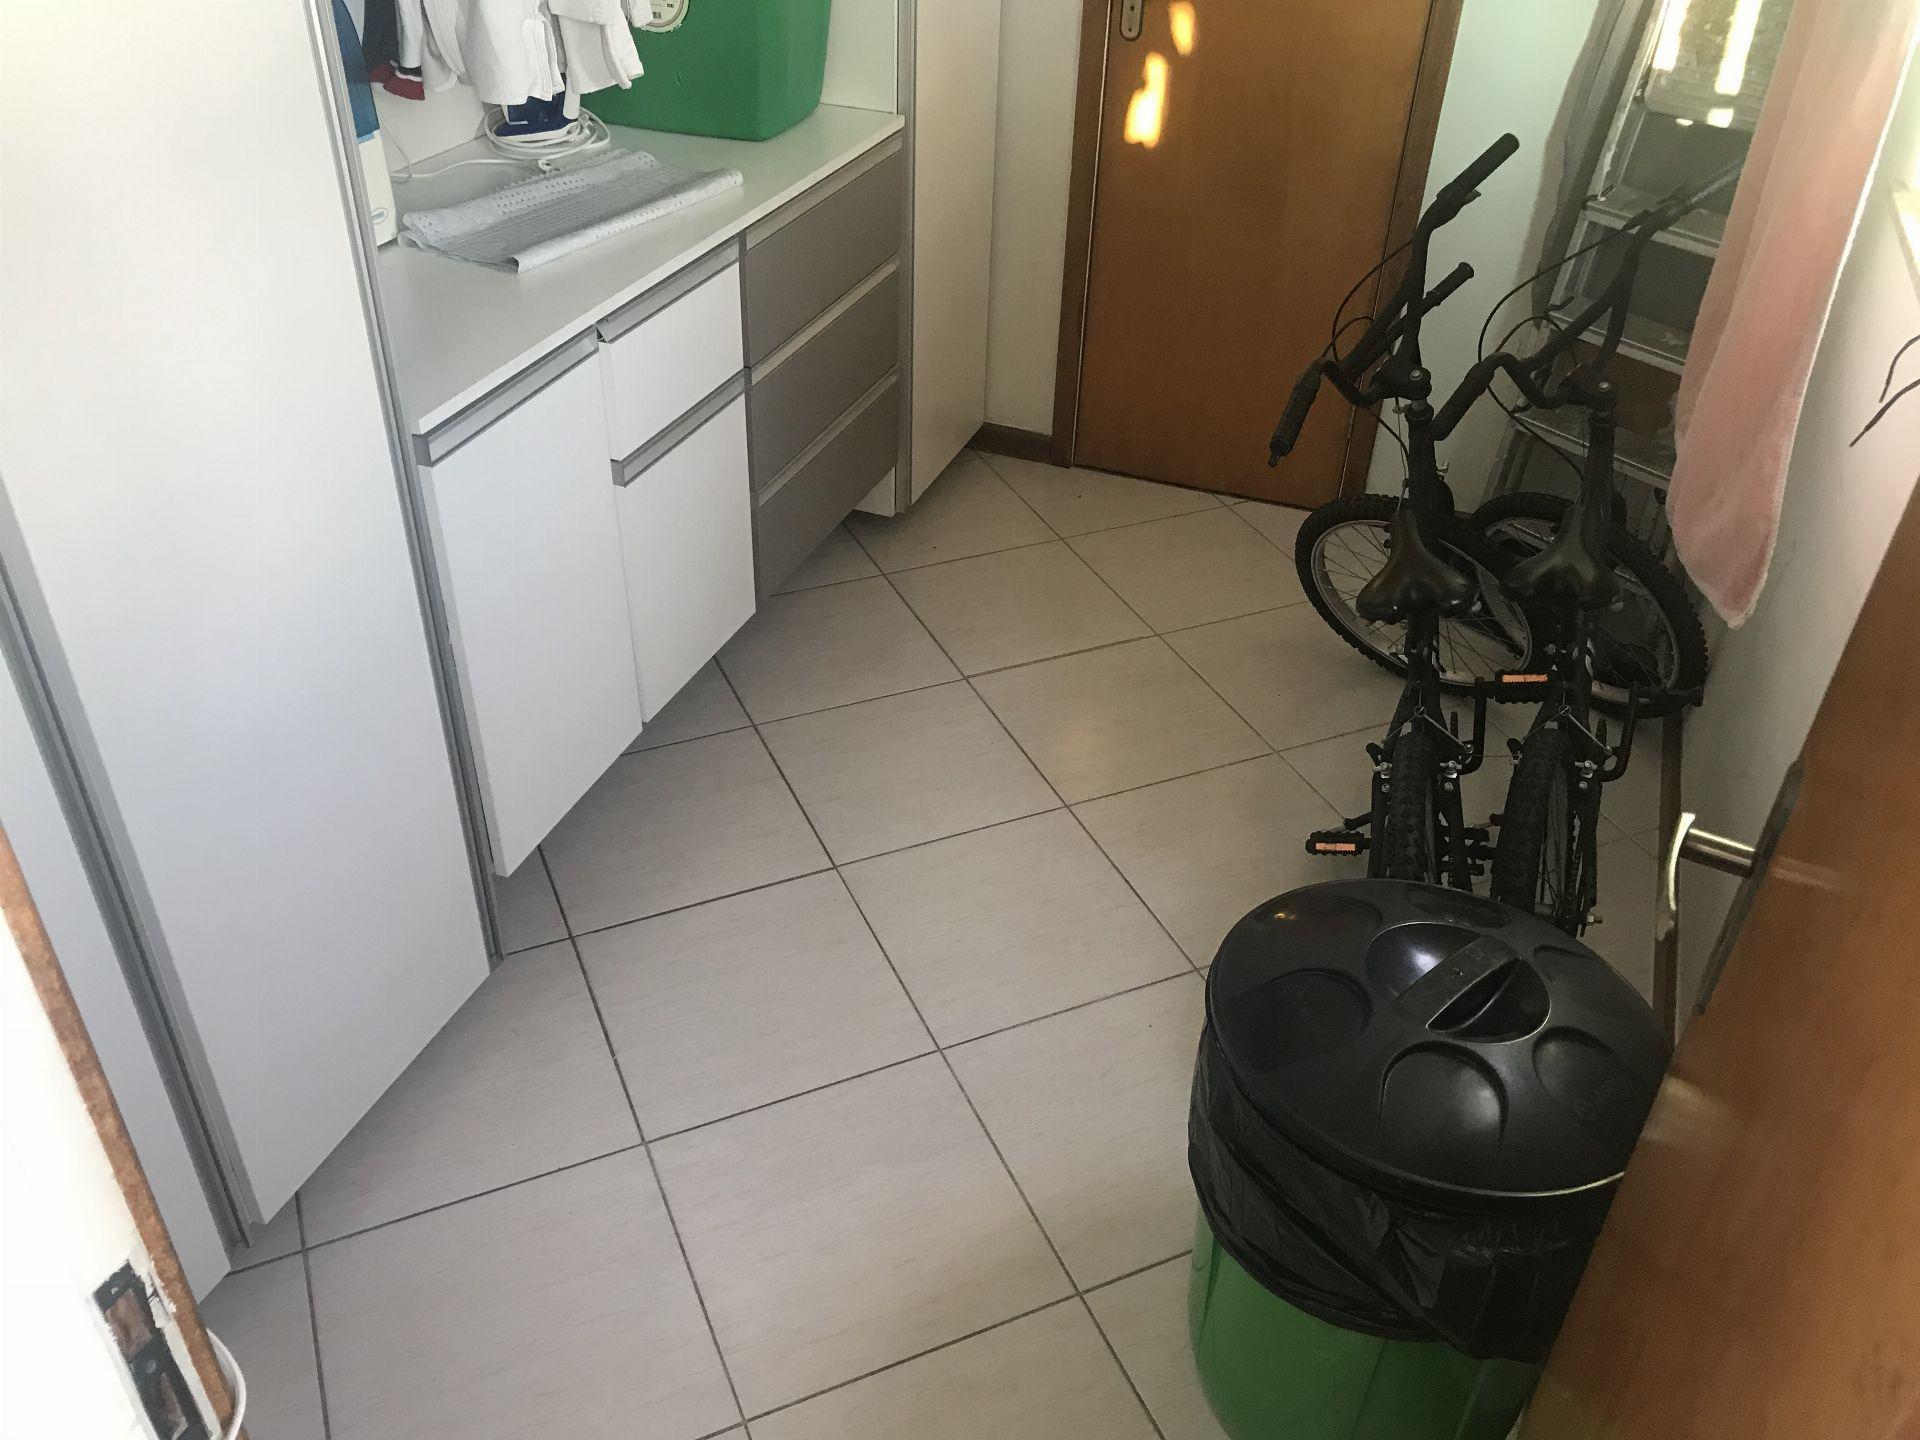 FOTO 7 - Apartamento à venda Rua Rosário Oeste,Vila Valqueire, Rio de Janeiro - R$ 990.000 - RF133 - 8